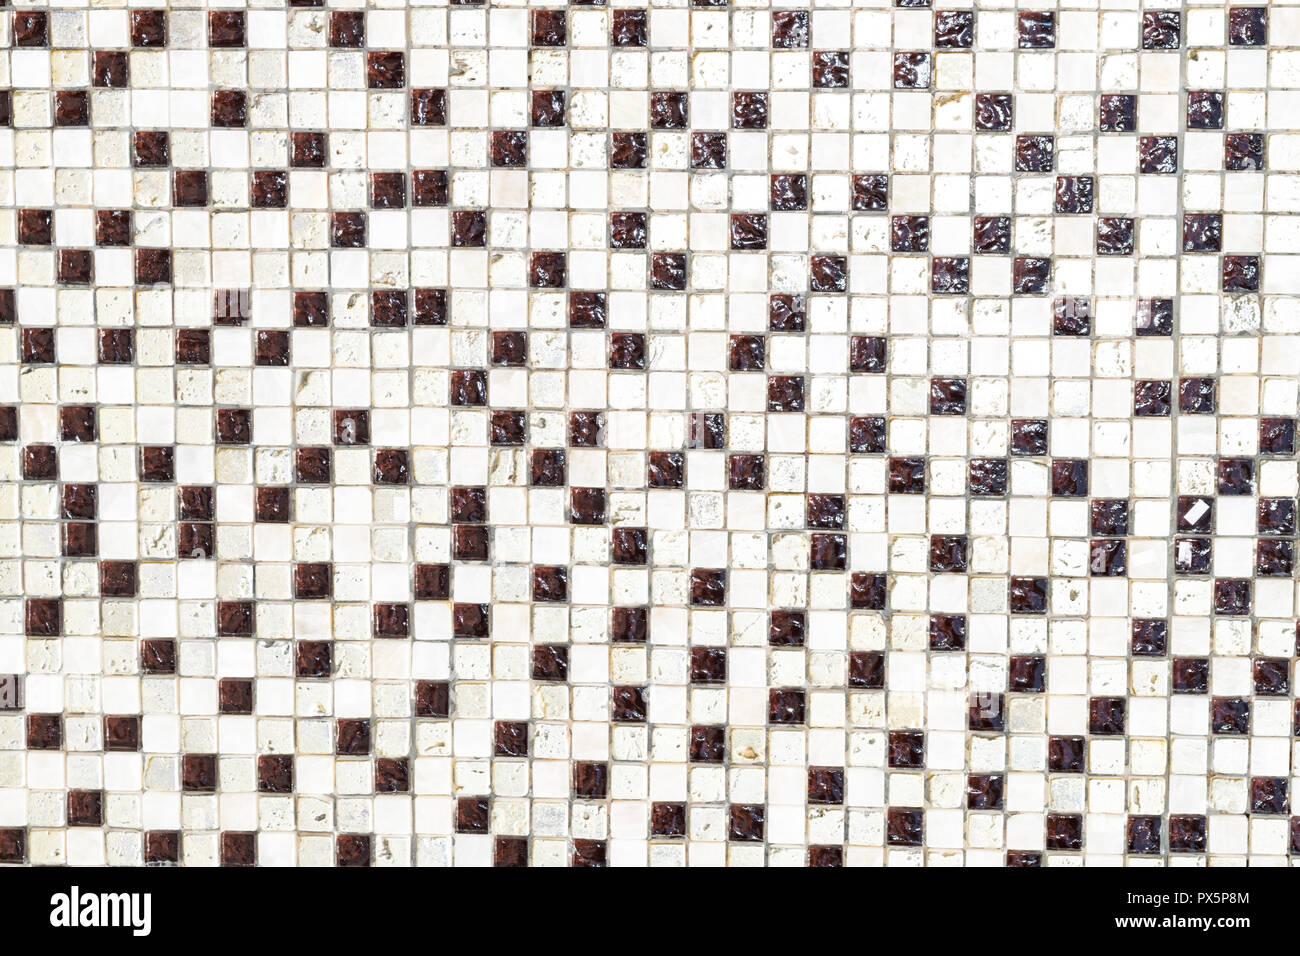 Fußboden Aus Kleinen Steinchen ~ Keramische steinchen hintergrund quadratische fliesen dekorative